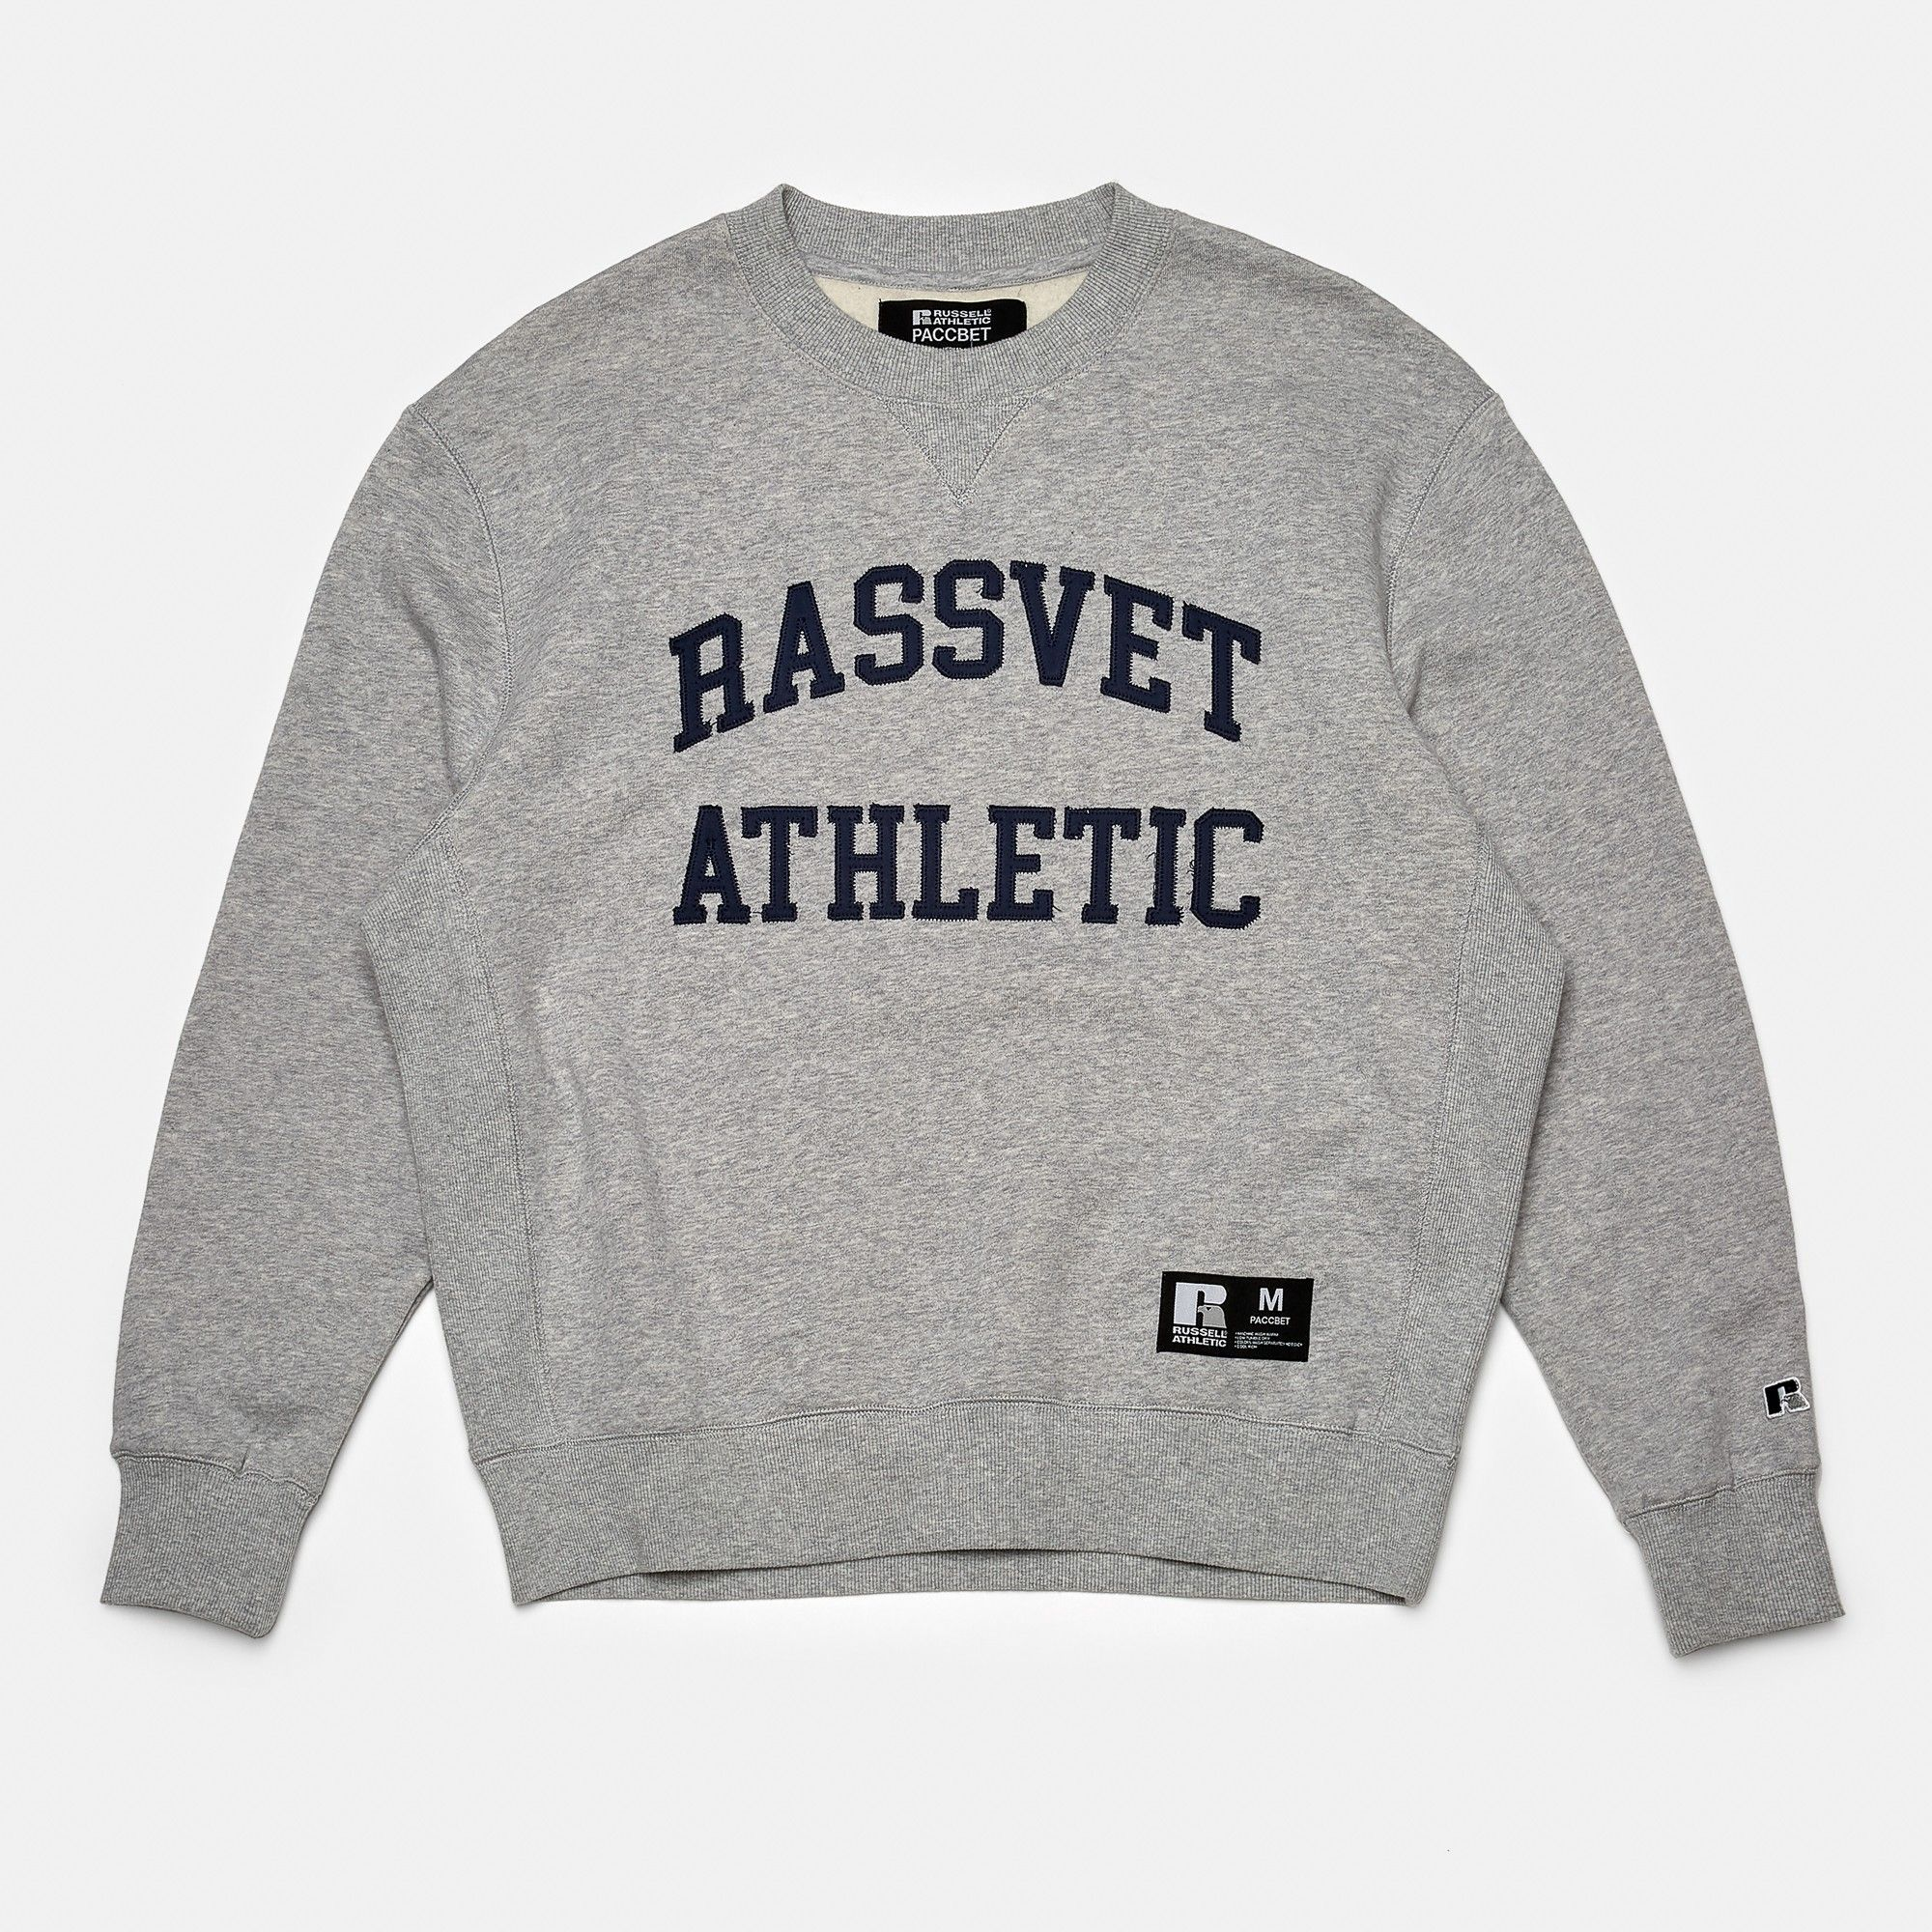 Rassvet Russell Athletic Printed Woven Sweatshirt (Grey